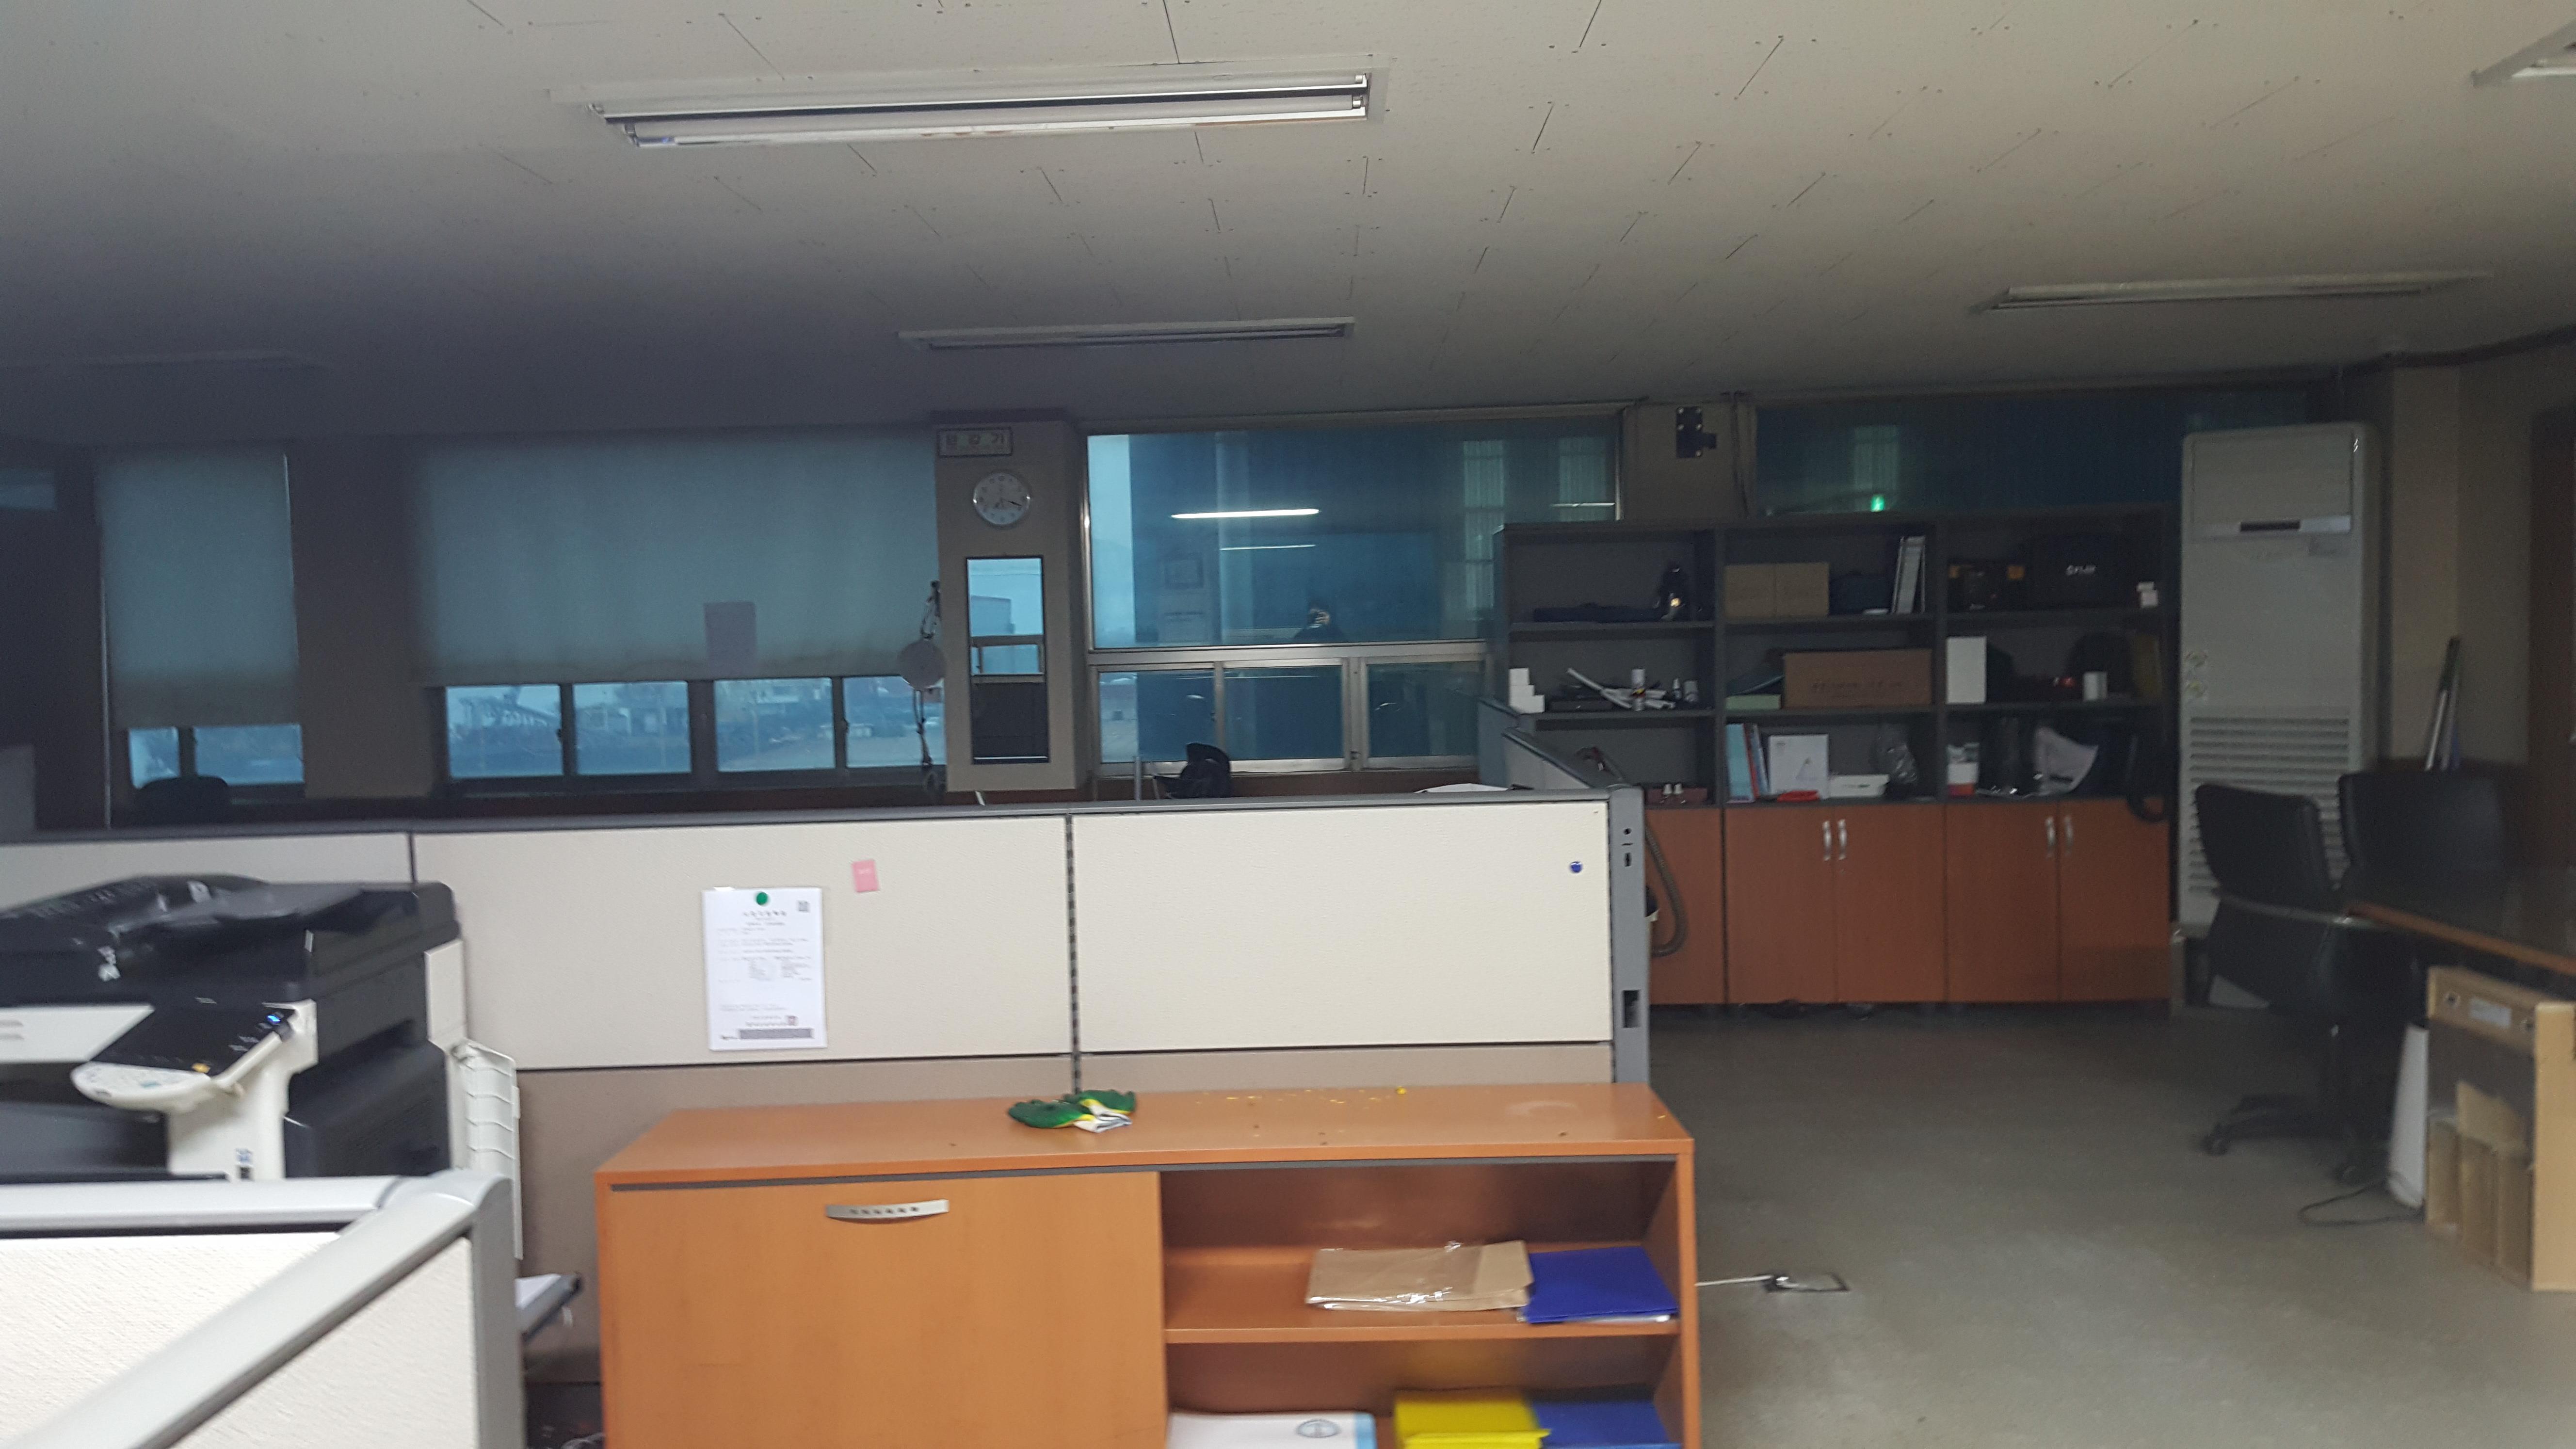 4 번째 사진  에  연면적94.68 ㎡ 부산시 영도구 해양로 공장사무실 2차 천장텍스 석면해체 제거